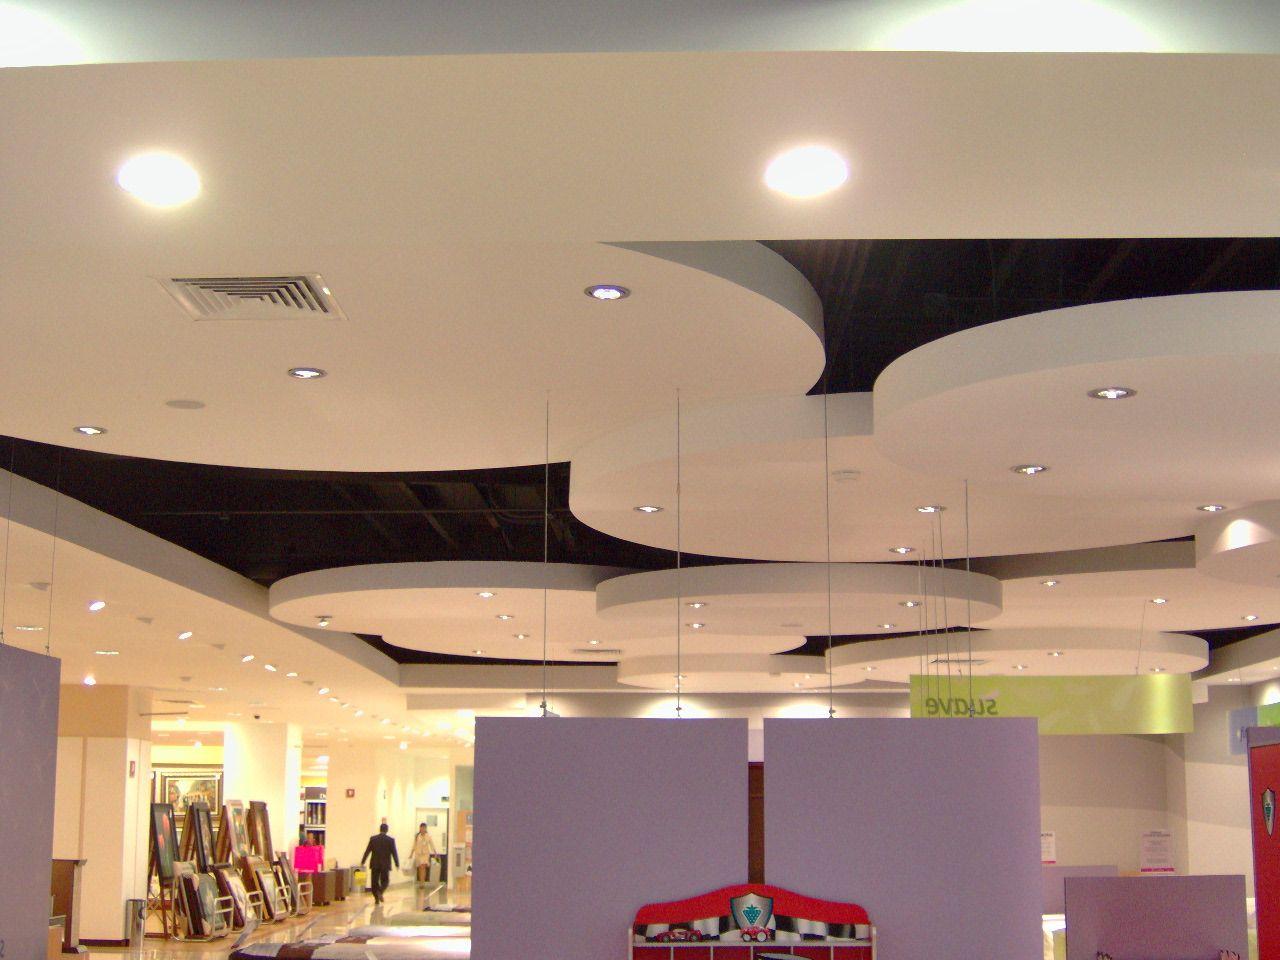 Detalle de Plafones | Clase Diseño | Pinterest | Ceilings and Ceiling